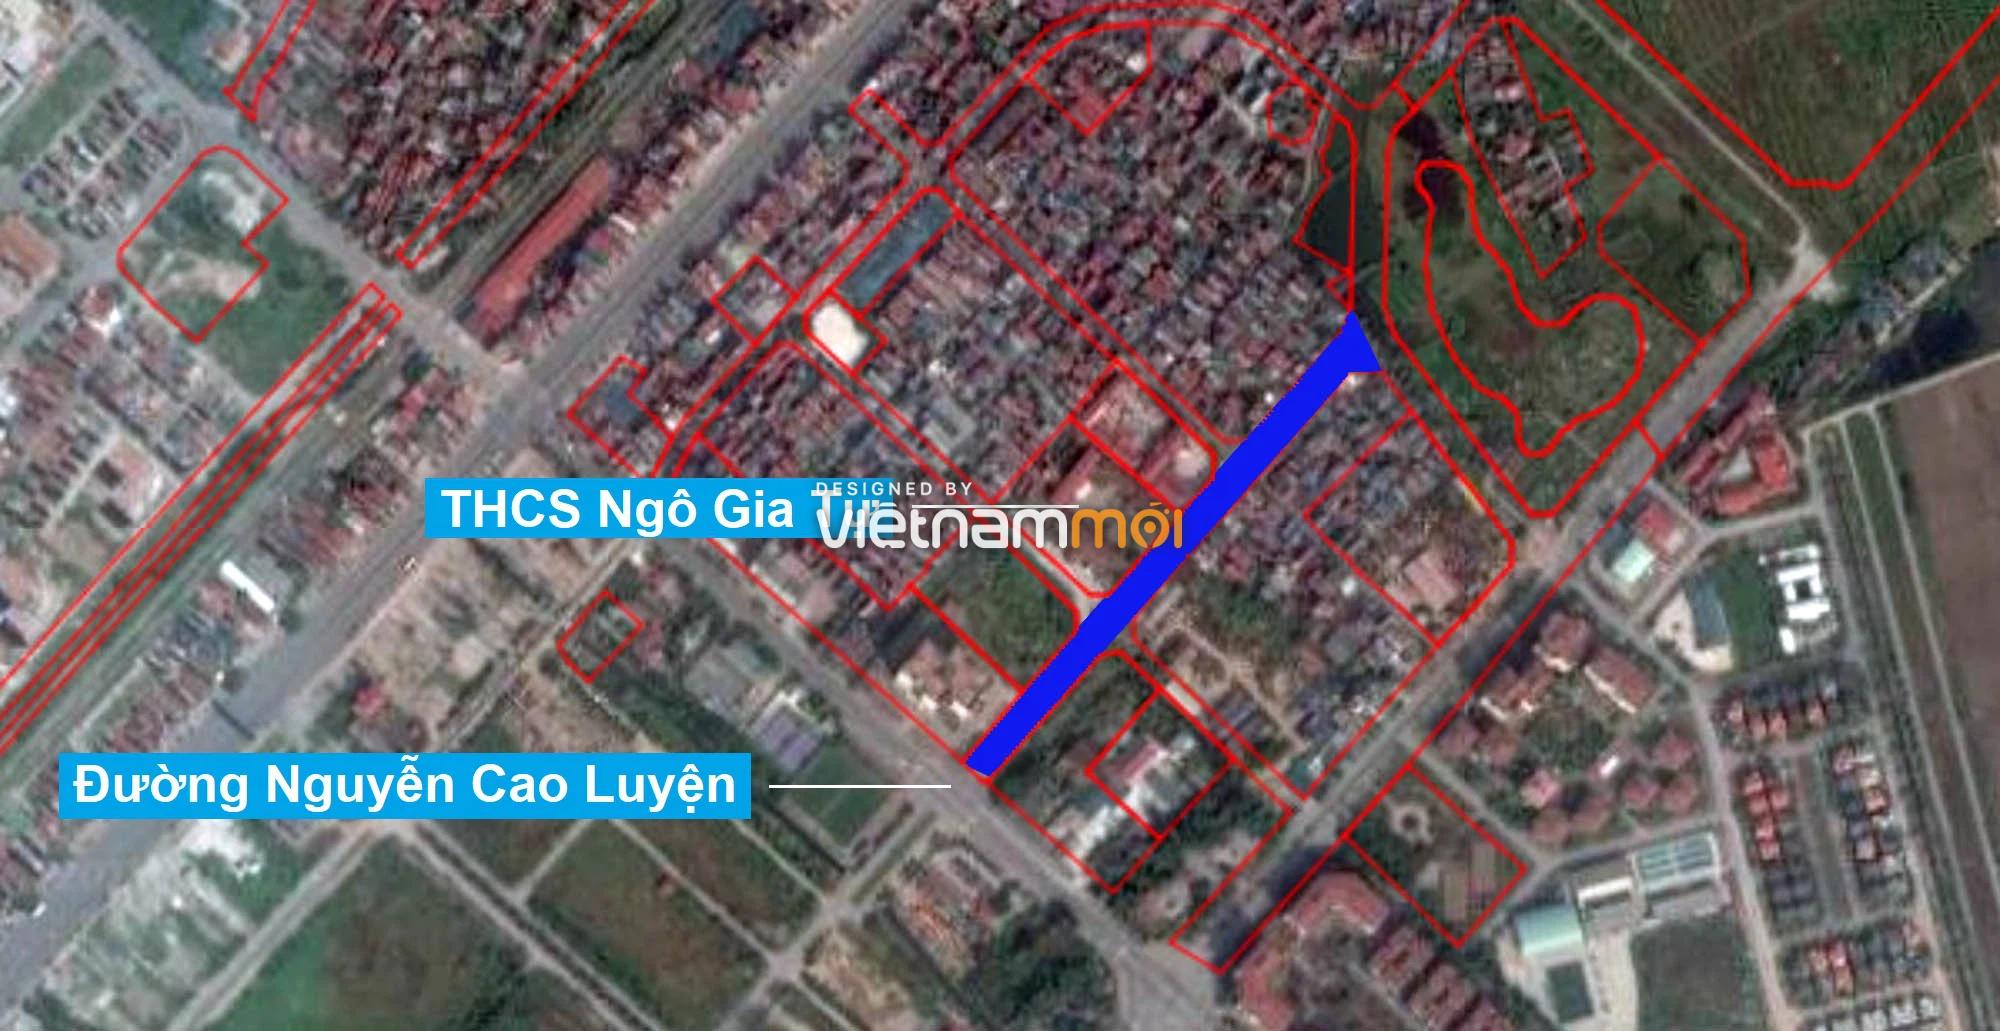 Những khu đất sắp thu hồi để mở đường ở phường Đức Giang, Long Biên, Hà Nội (phần 2) - Ảnh 8.